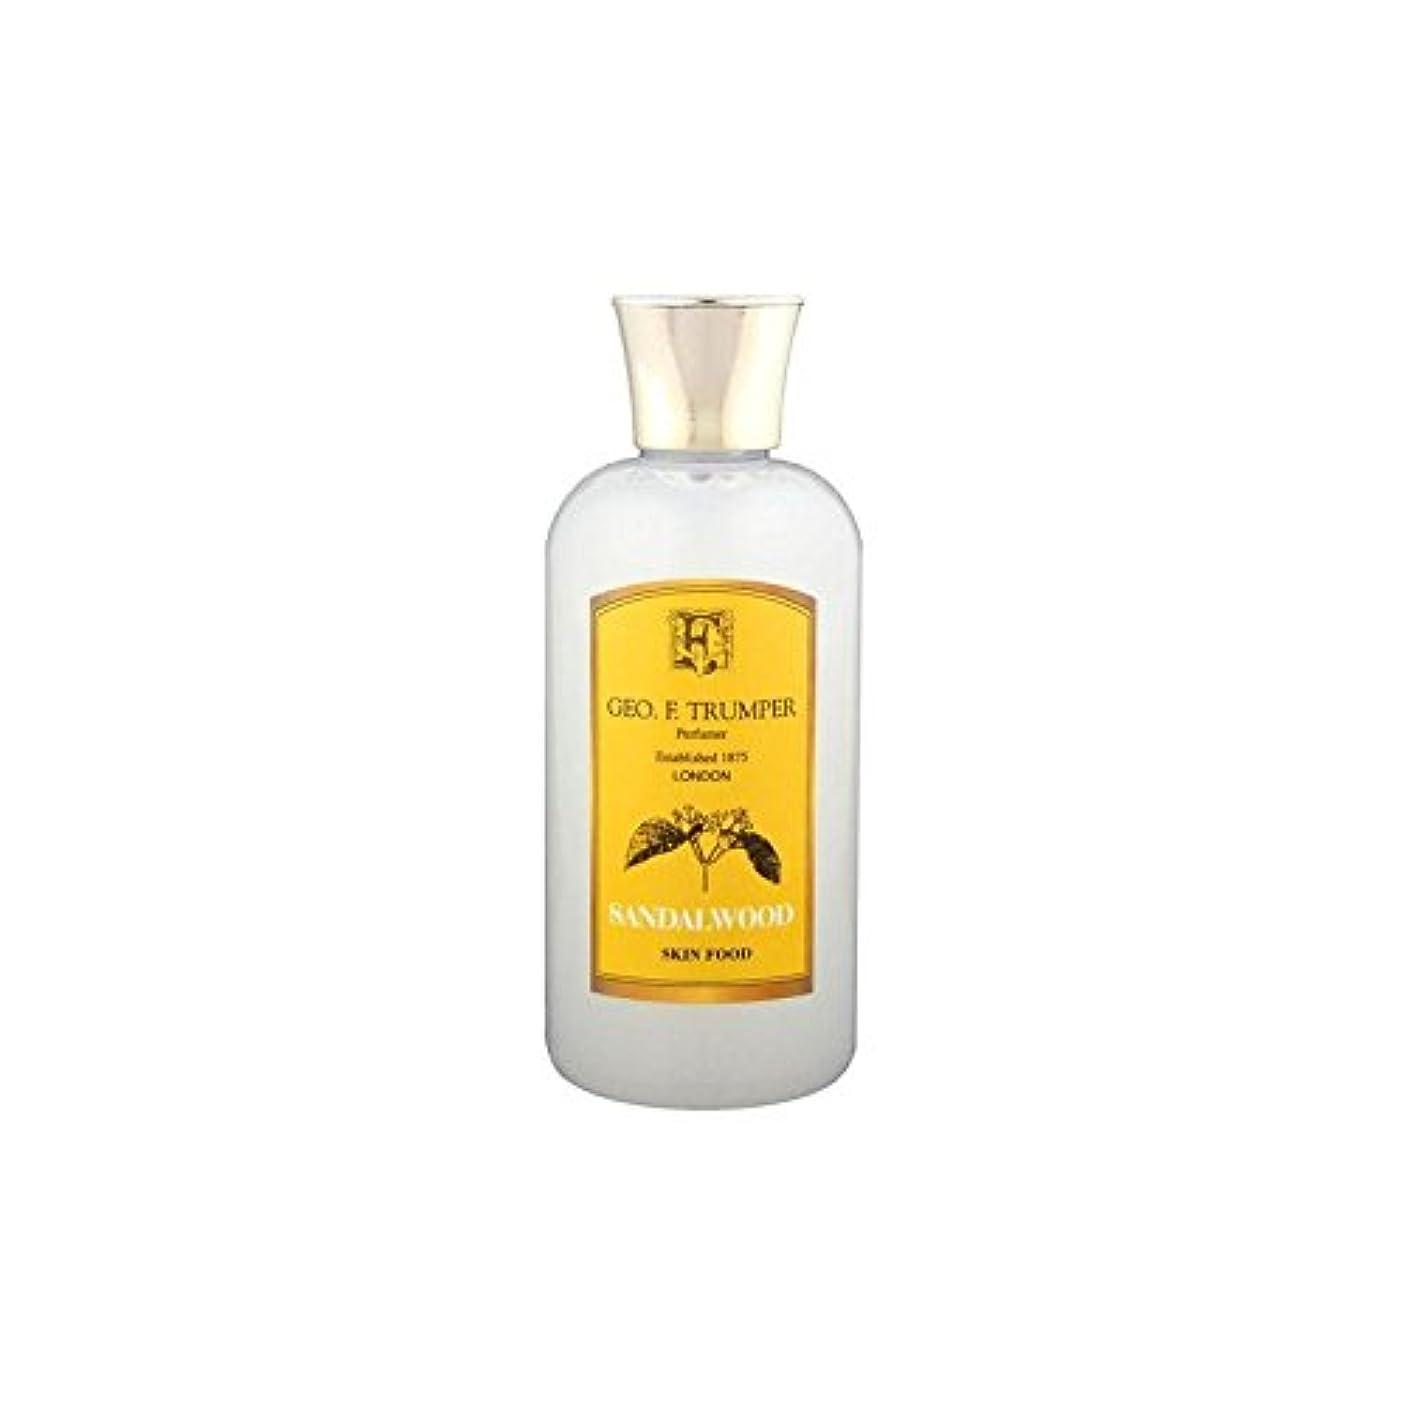 ラテン症候群土器サンダルウッドスキンフード - 100ミリリットル旅 x4 - Trumpers Sandalwood Skin Food - 100ml Travel (Pack of 4) [並行輸入品]